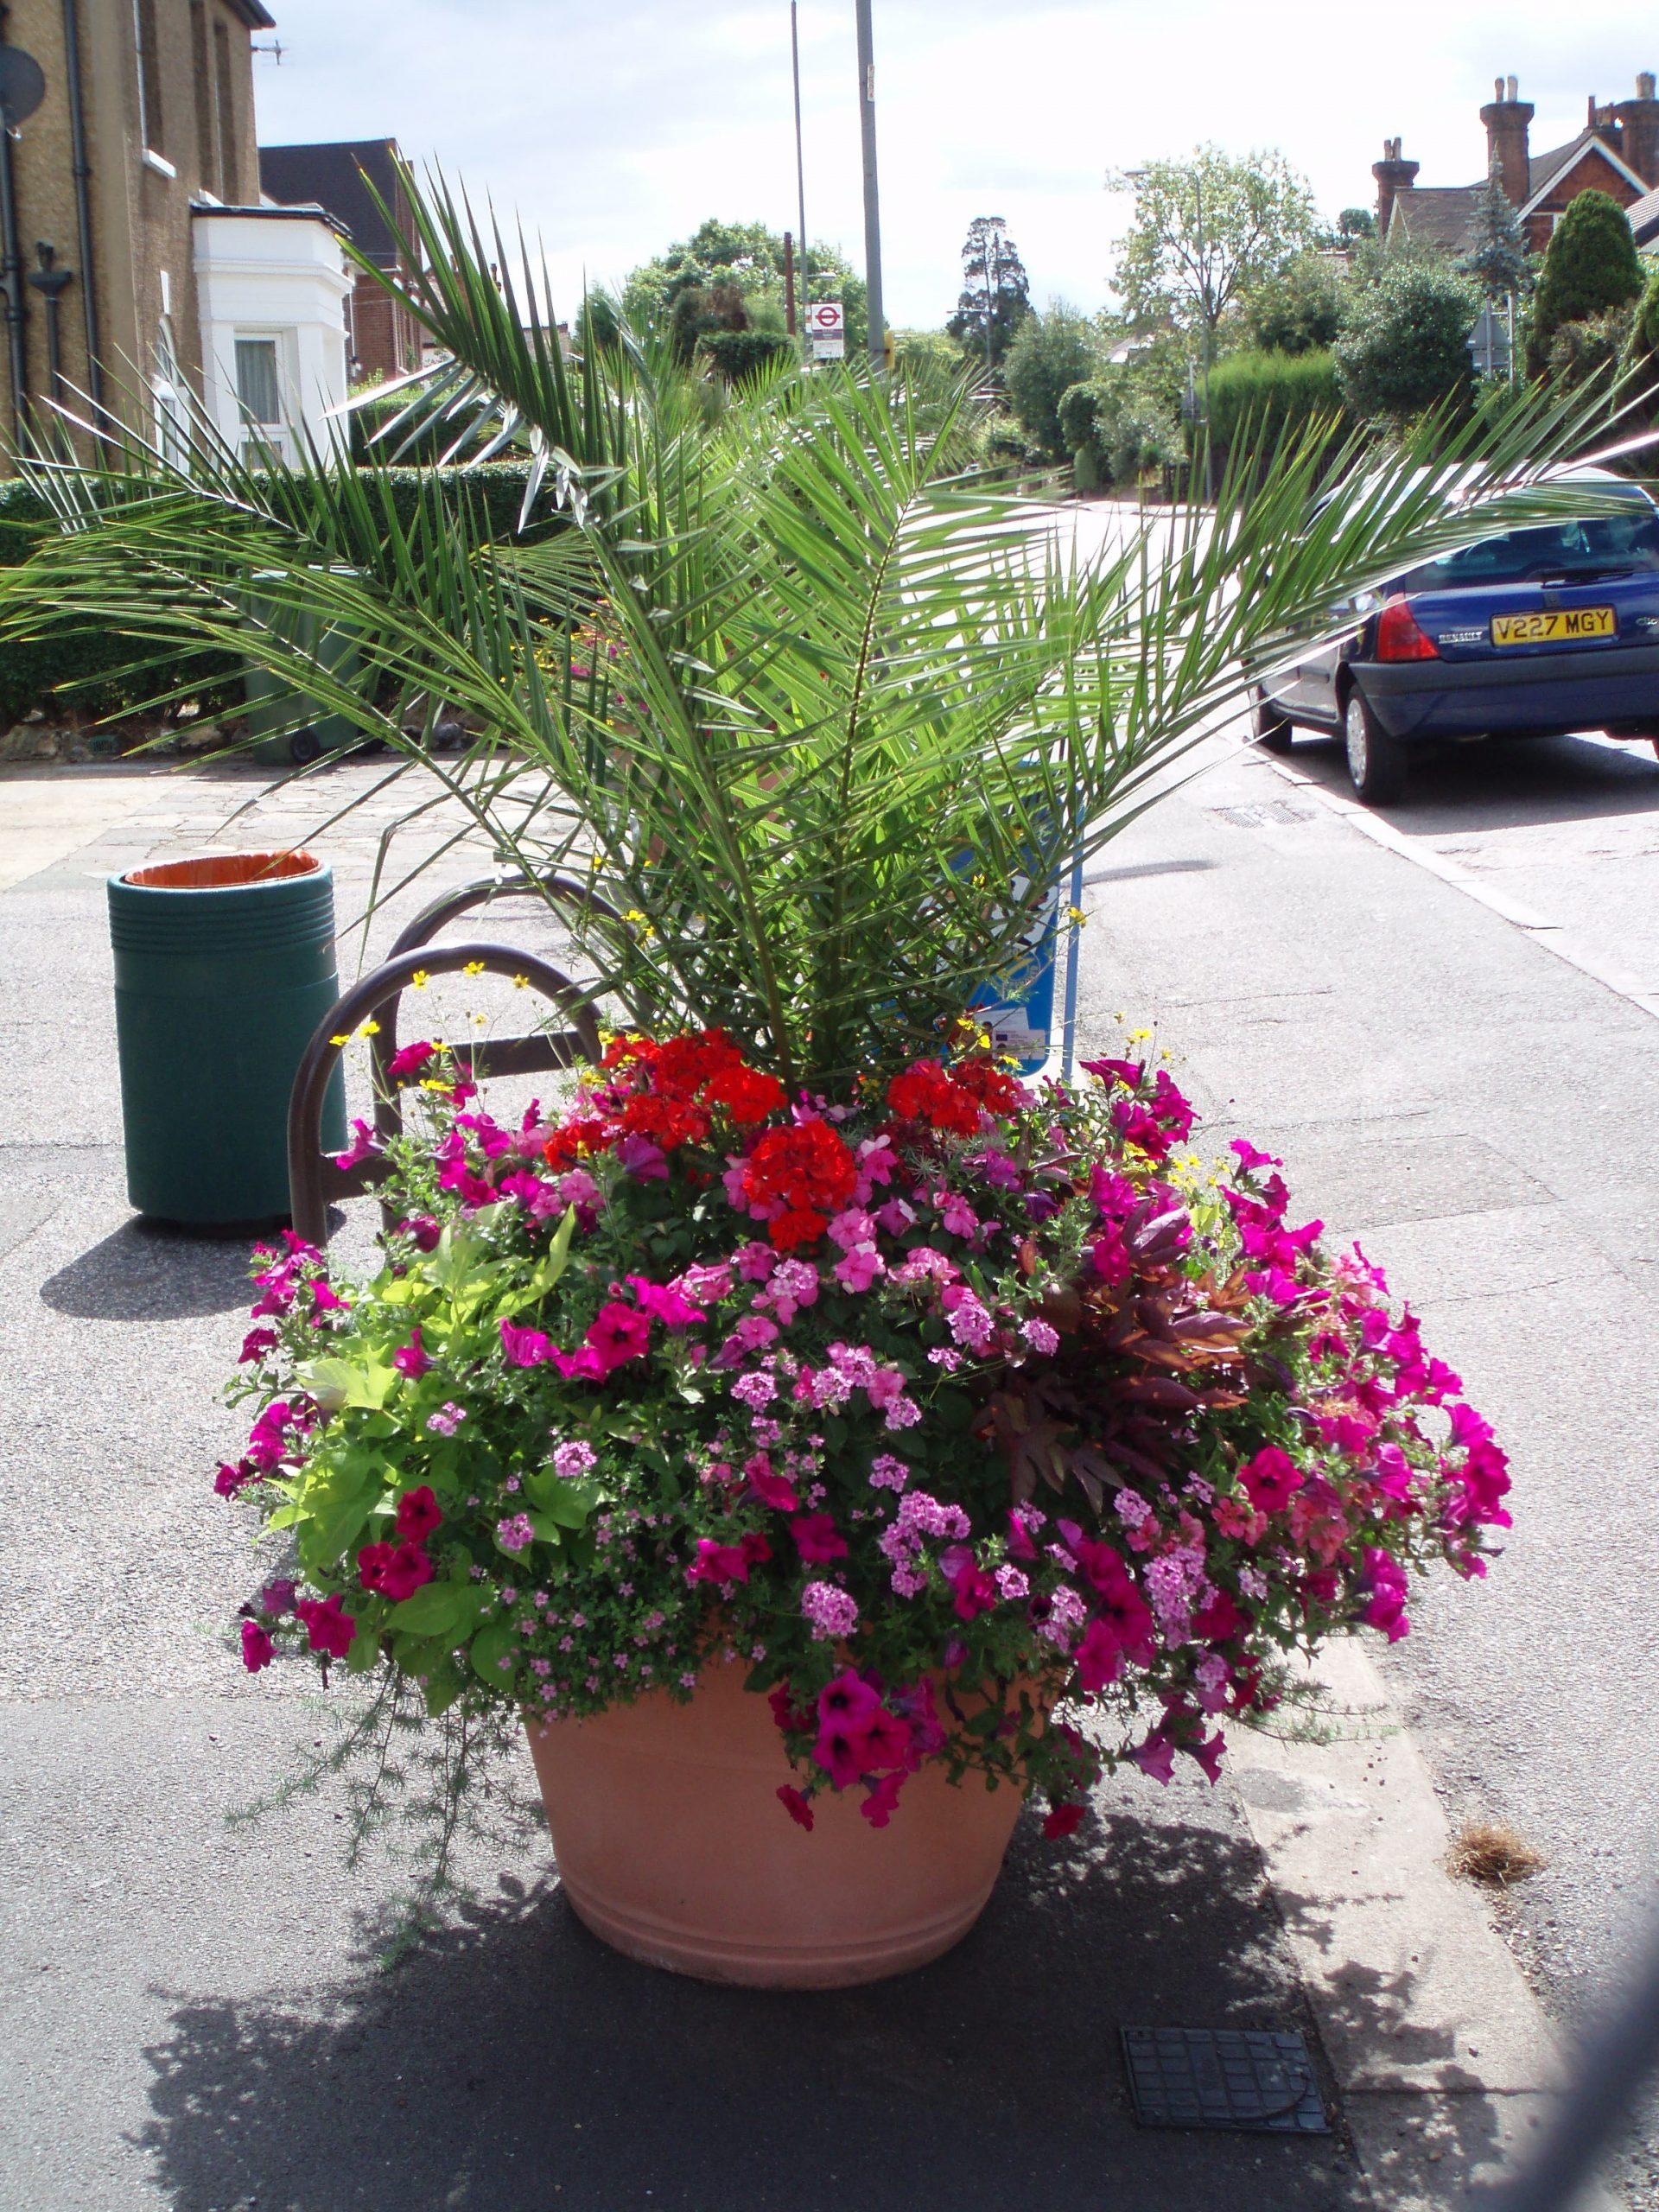 Urban planting by Amethyst